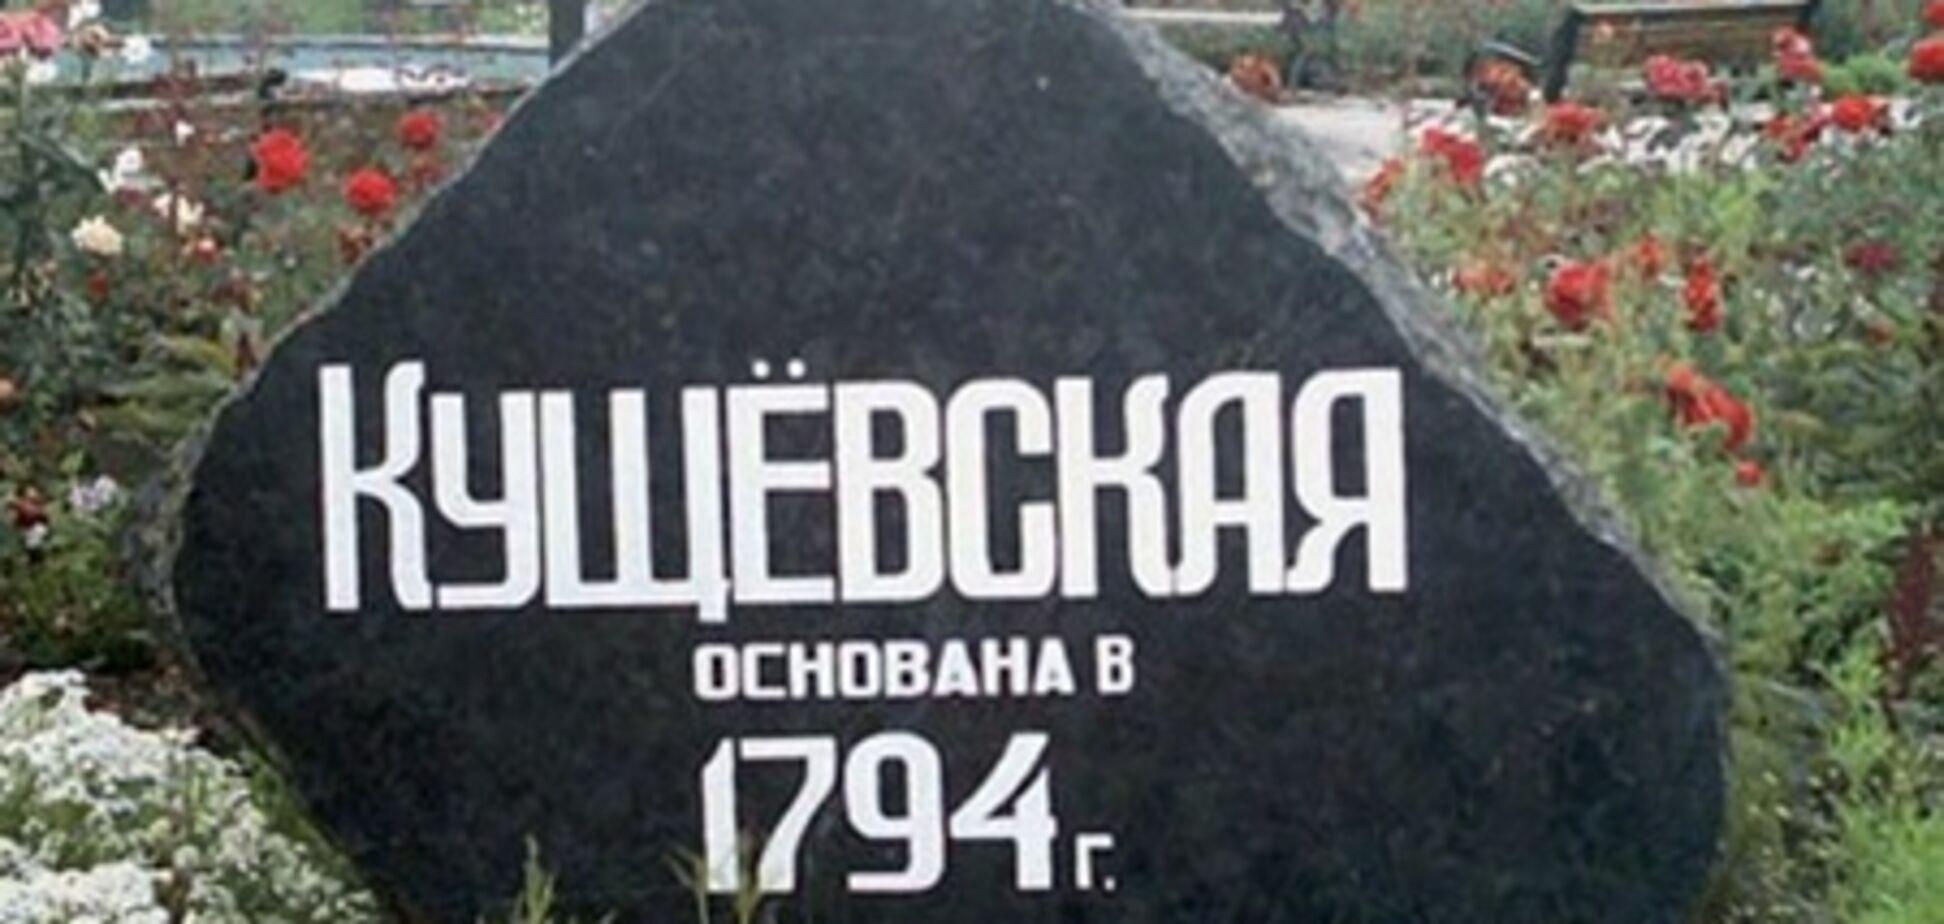 Двох суддів з Кущевській, пов'язаних з бандою, поновили на посаді